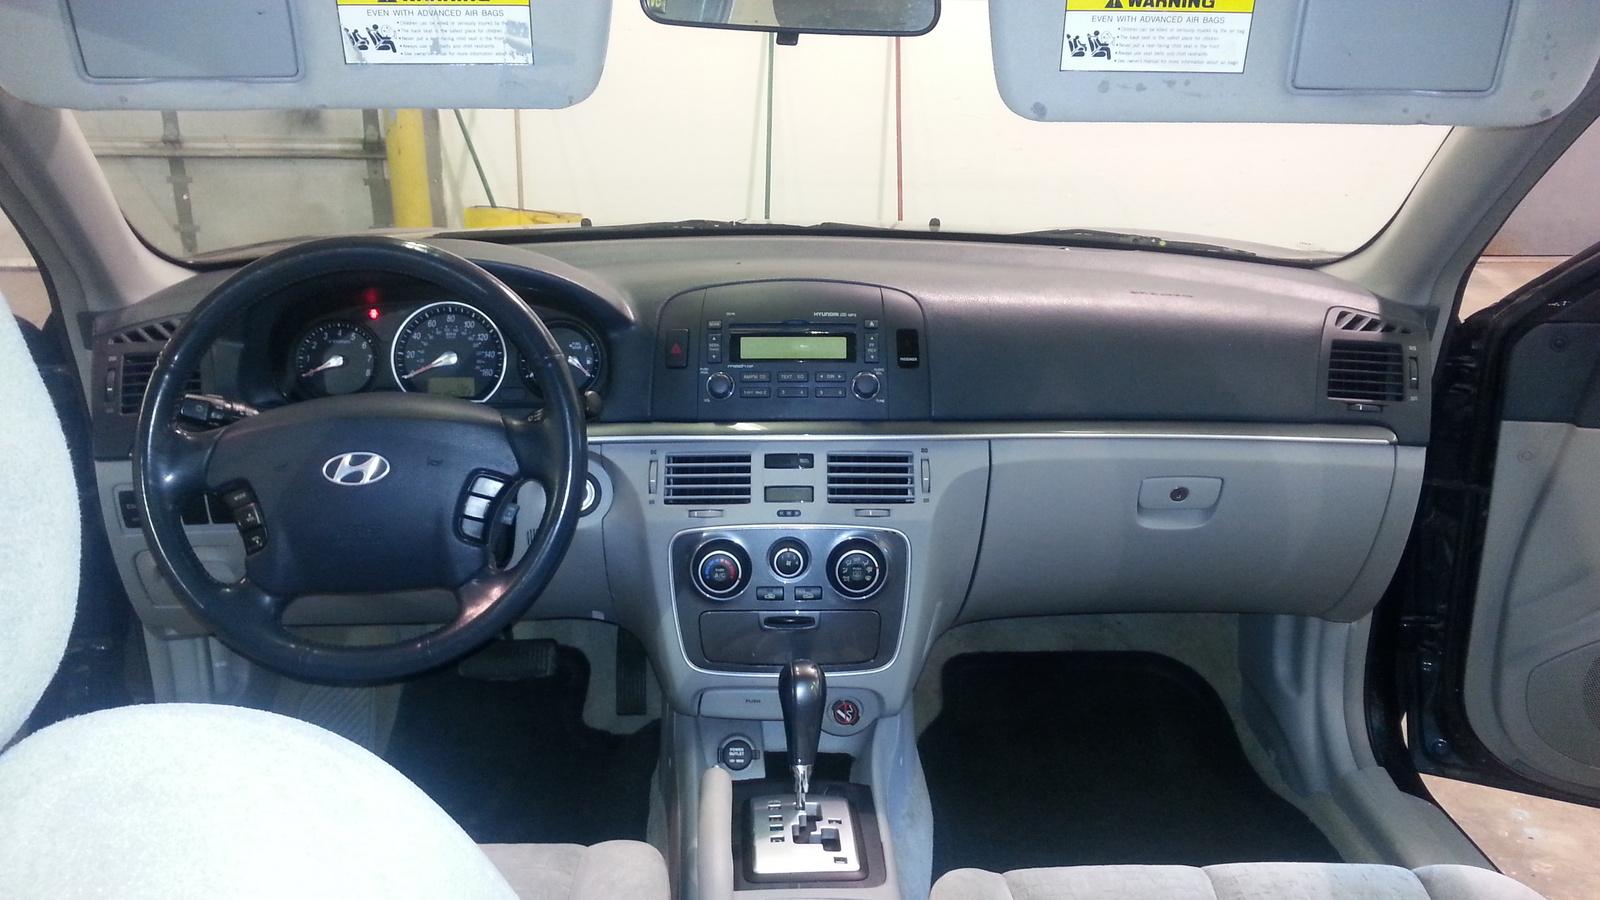 2007 Hyundai Sonata Interior Pictures Cargurus